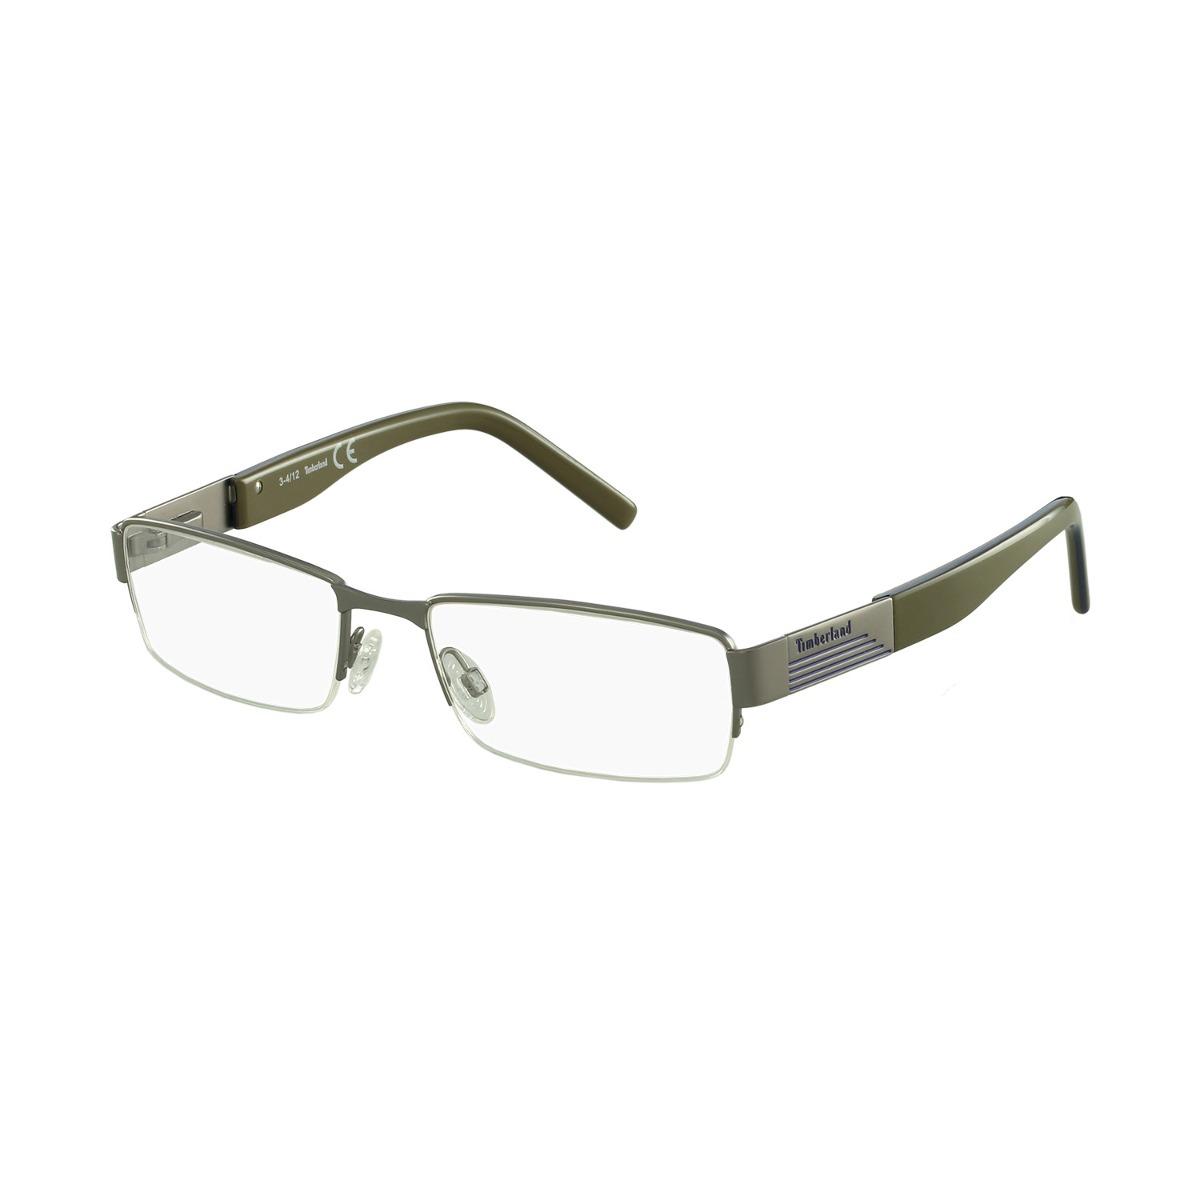 Óculos De Grau Timberland Casual Prata - R  555,00 em Mercado Livre 857700652f